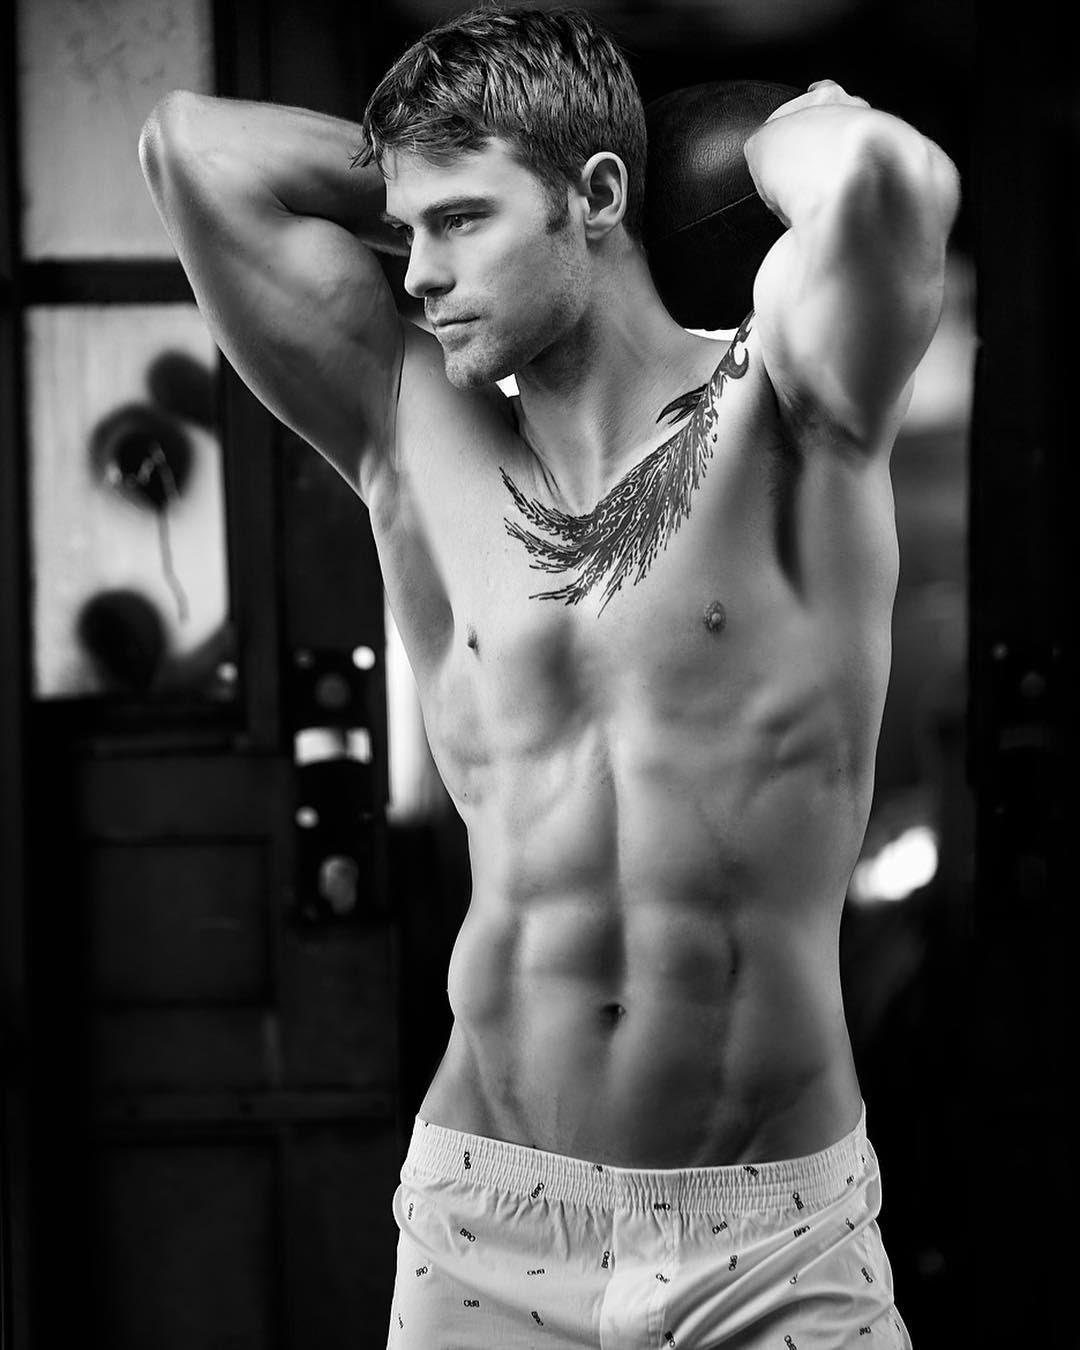 Chicos Sexys Del Gym Para Motivarte Fitness Blog El124 Com